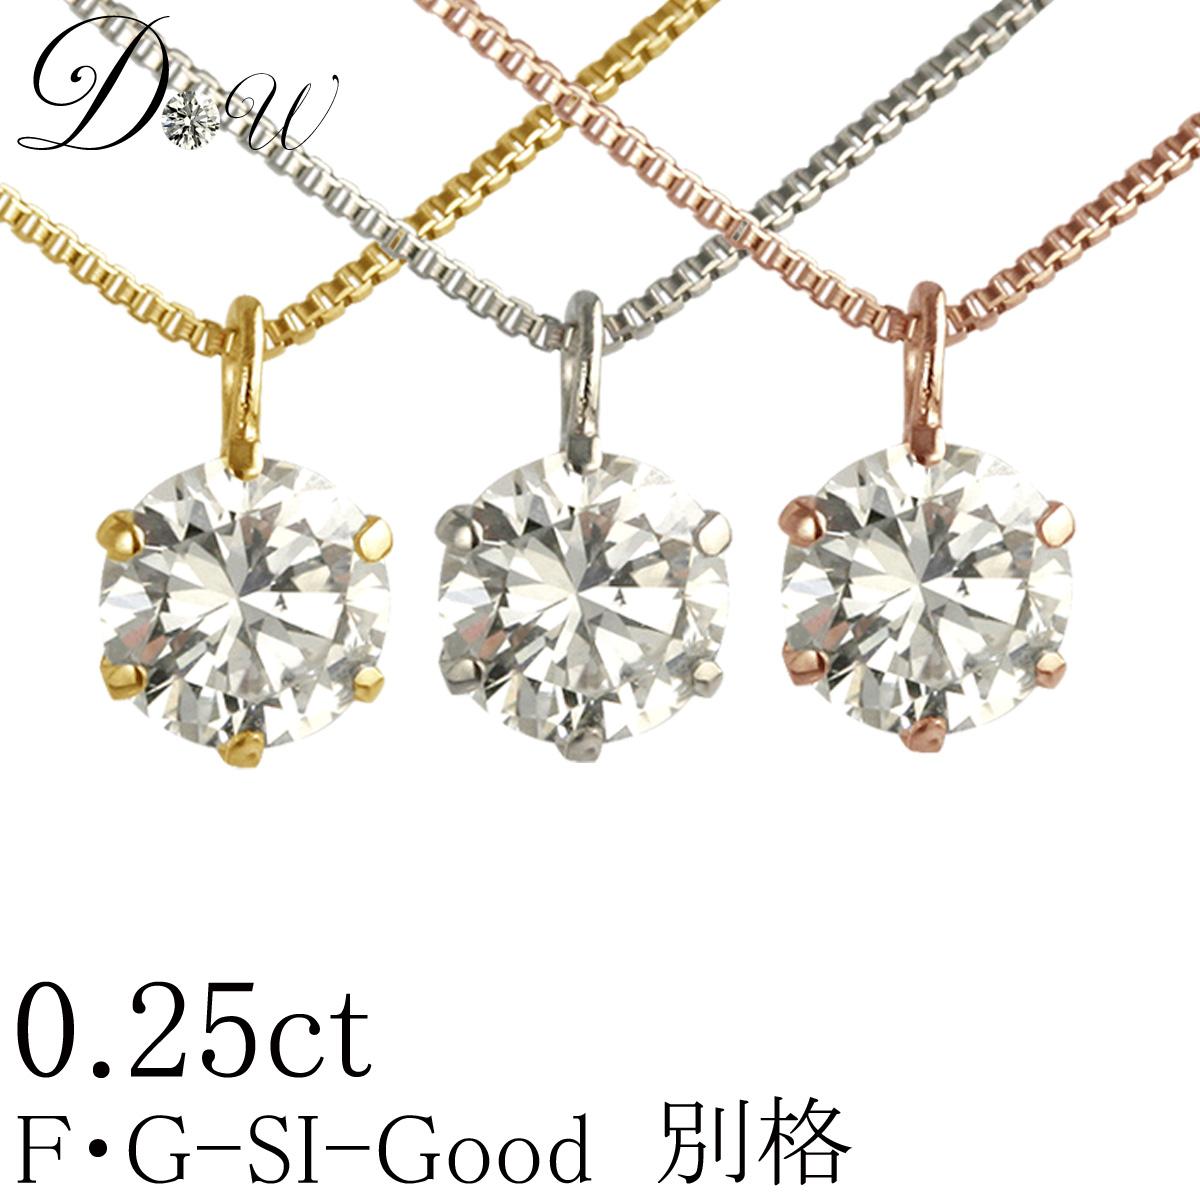 天然ダイヤモンドペンダントネックレス 0.25ct【無色透明 F・Gカラー SIクラス Goodカット】